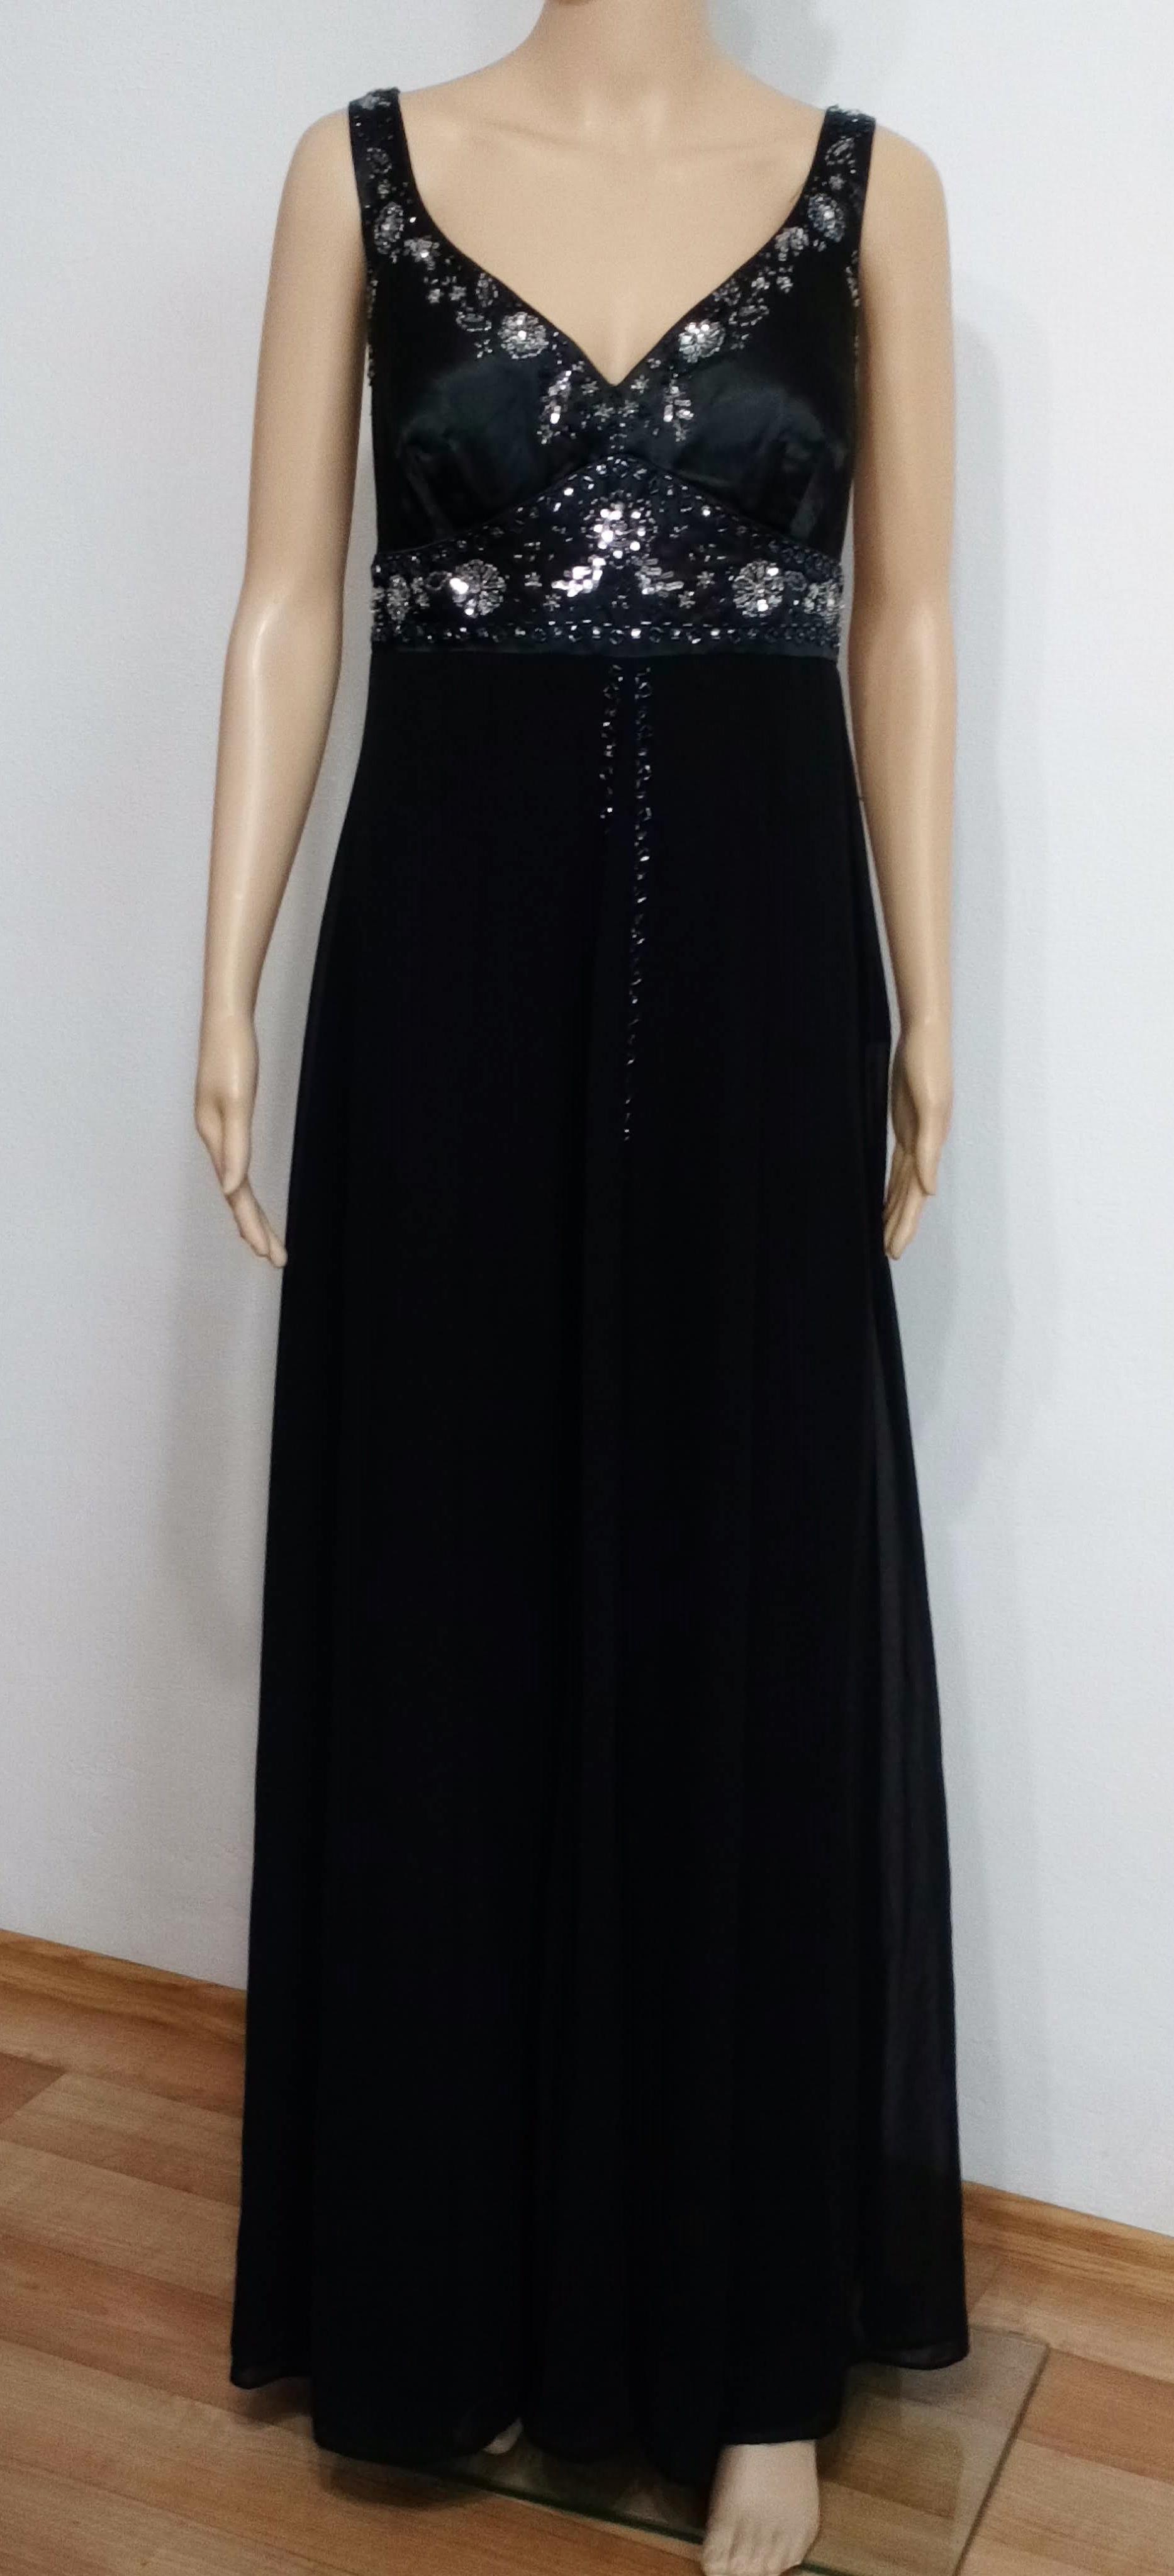 c4cc3e0faa37 Dámské společenské šaty Debenhams vel.42 44